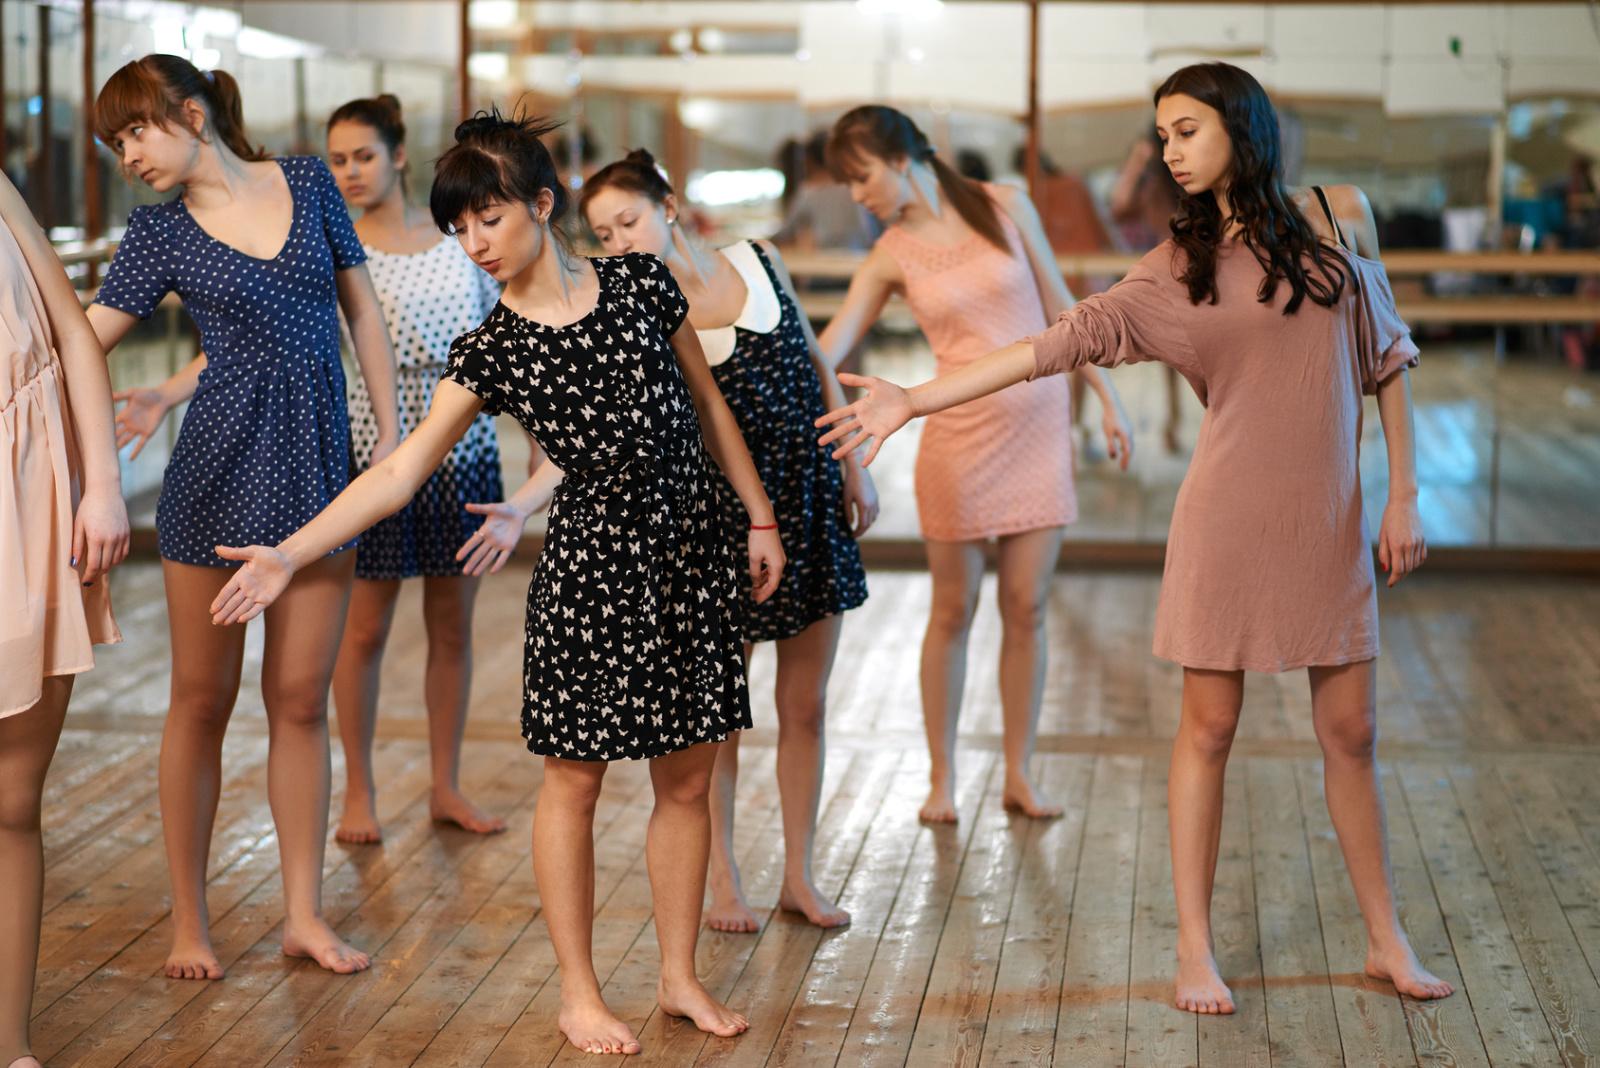 Cours de danse contemporaine - Clafoutis & Cie